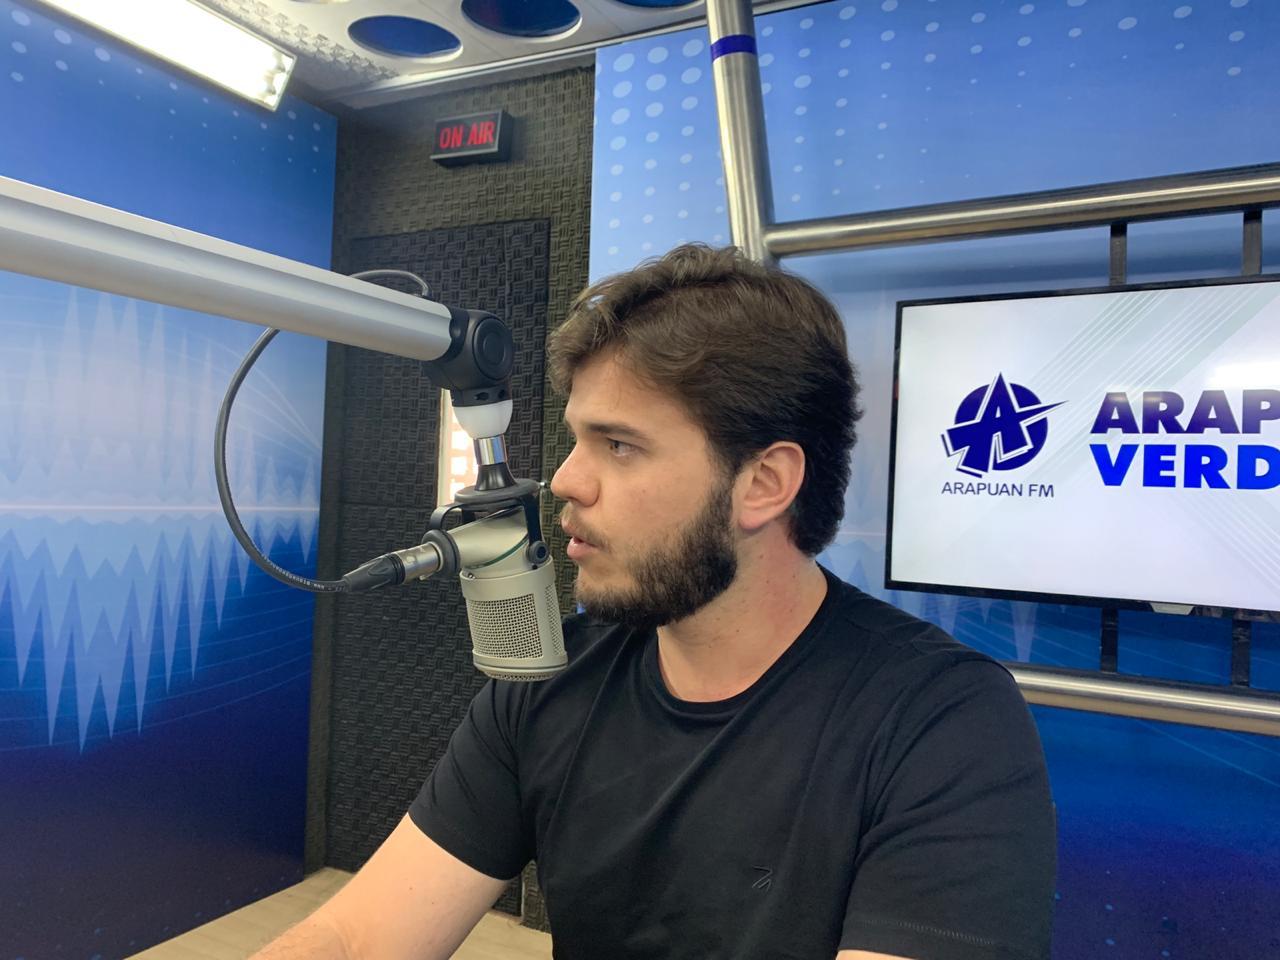 bruno cunha lima arapuan verdade - 'Temos compreensões diferentes do que é fazer política', afirma Bruno Cunha Lima sobre Manoel Júnior